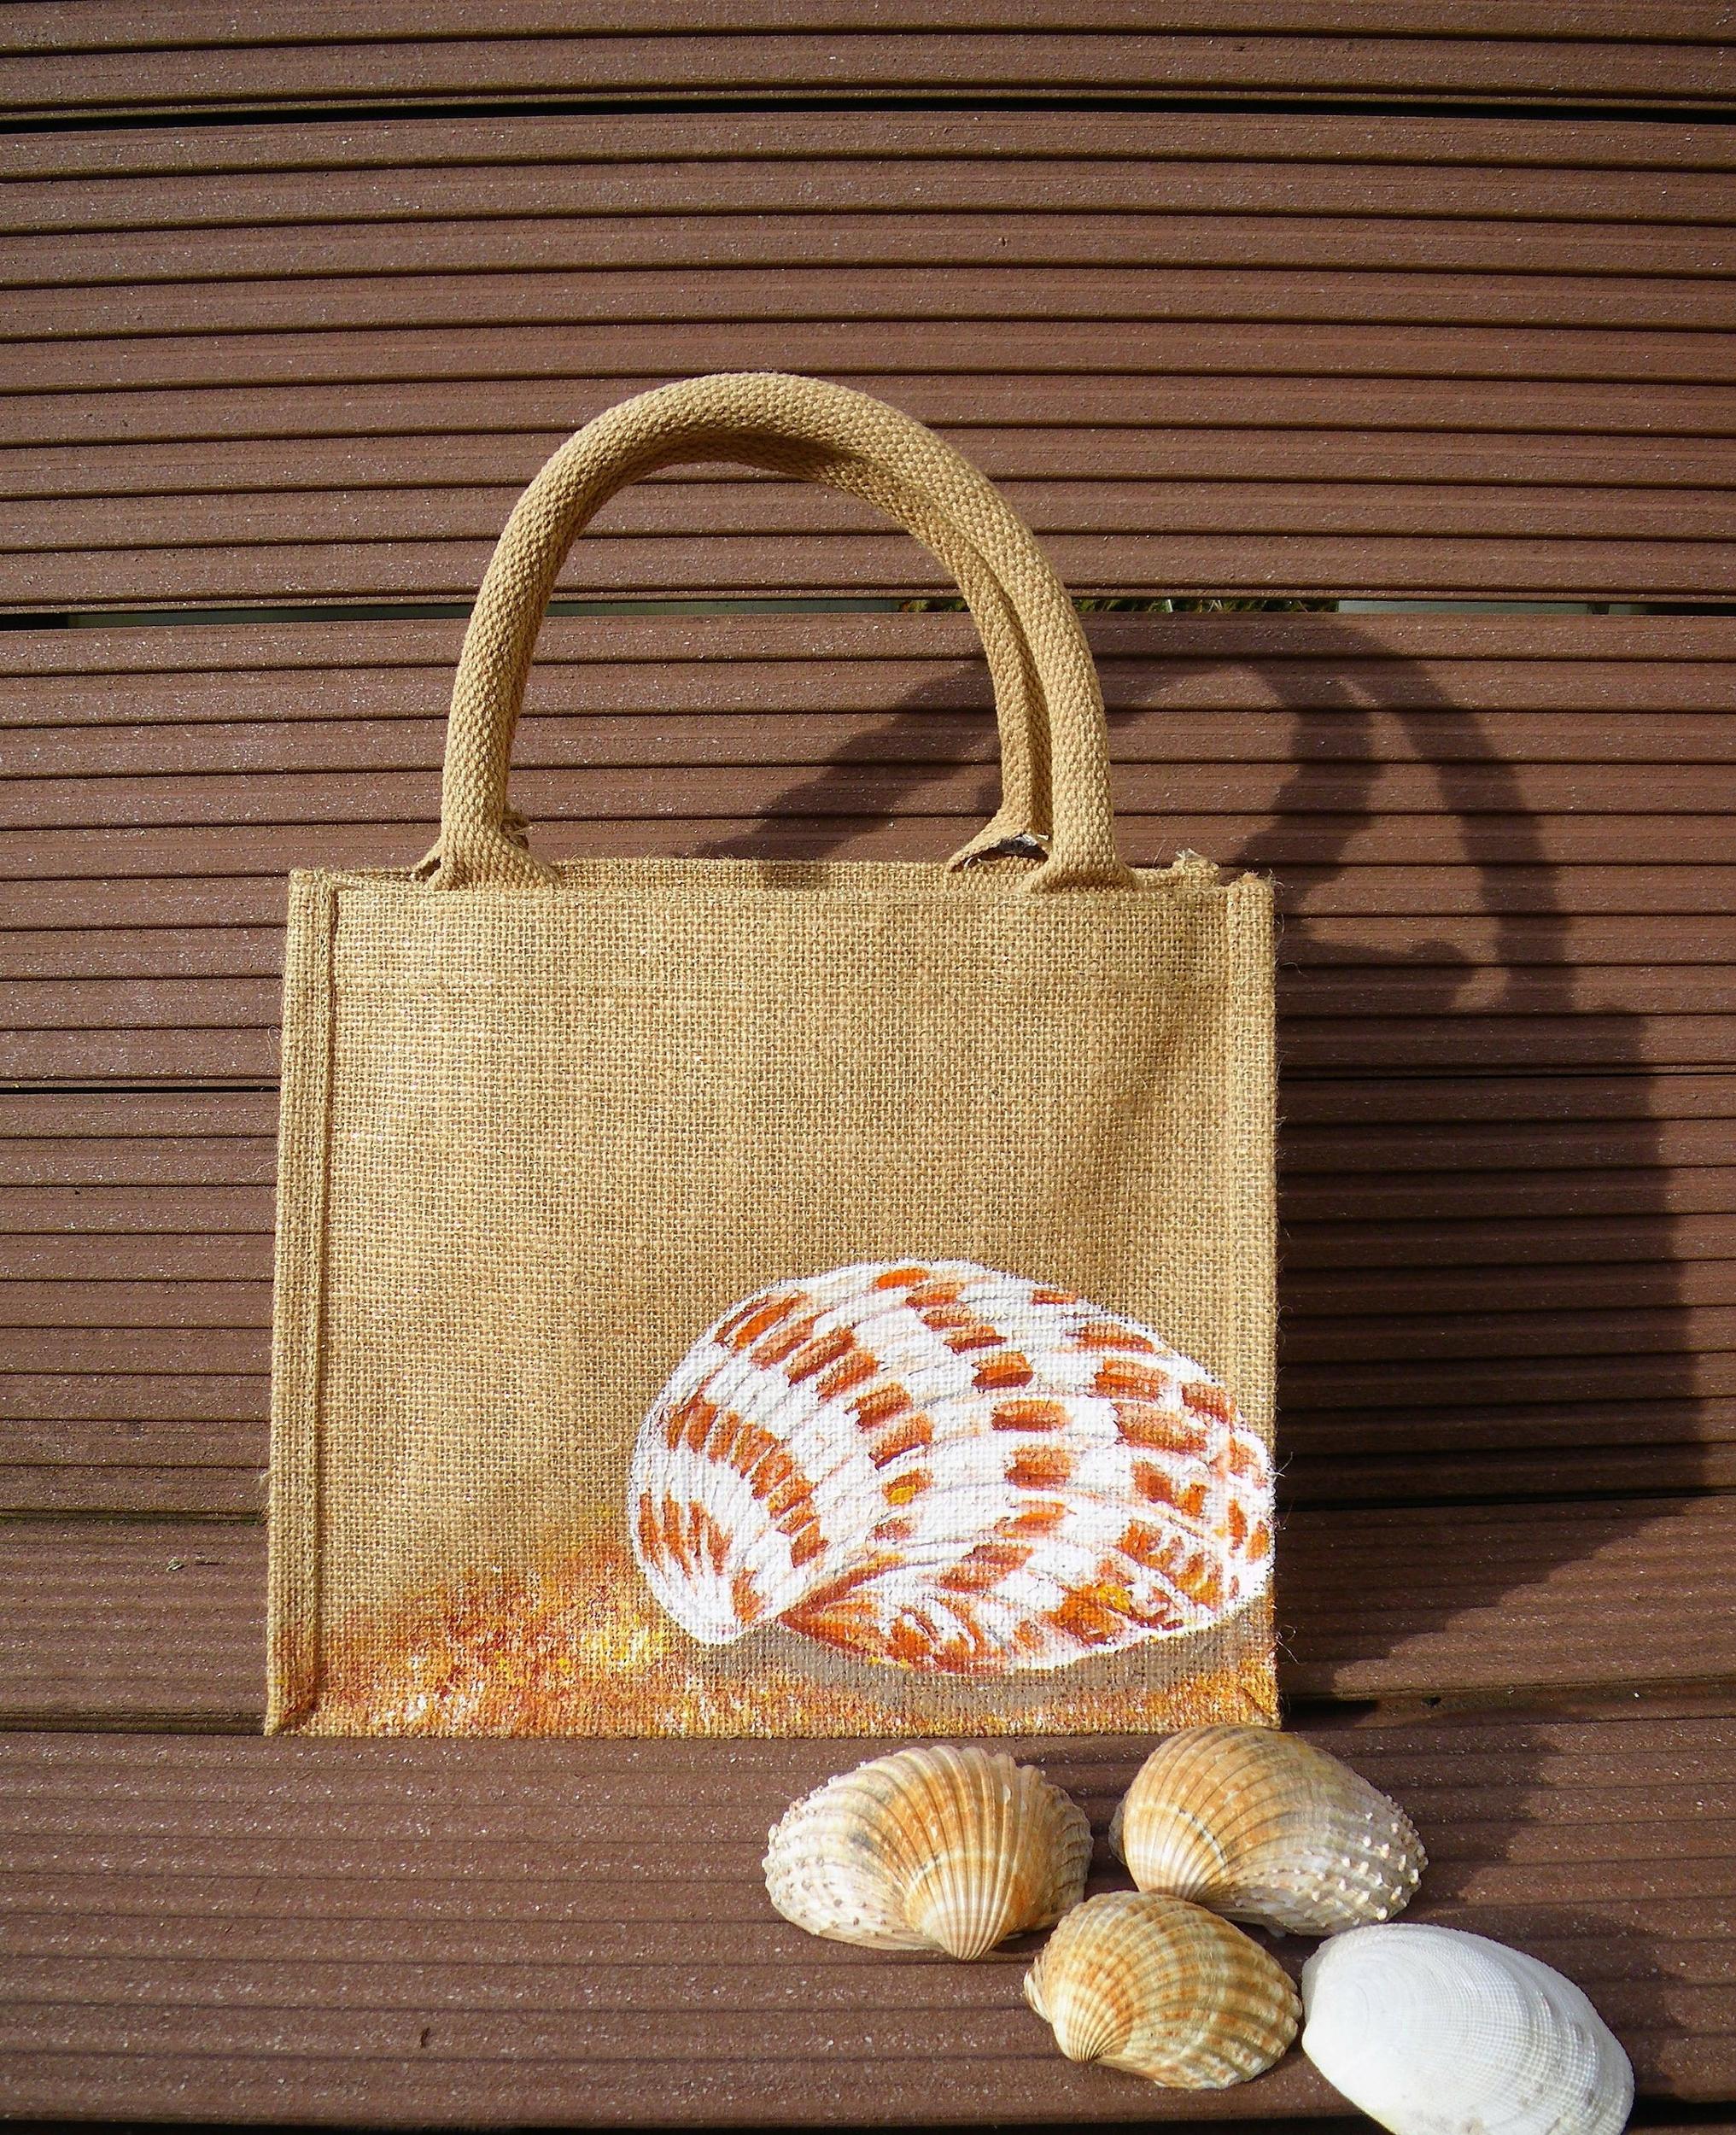 Petit sac en jute, coquillage peint à la main